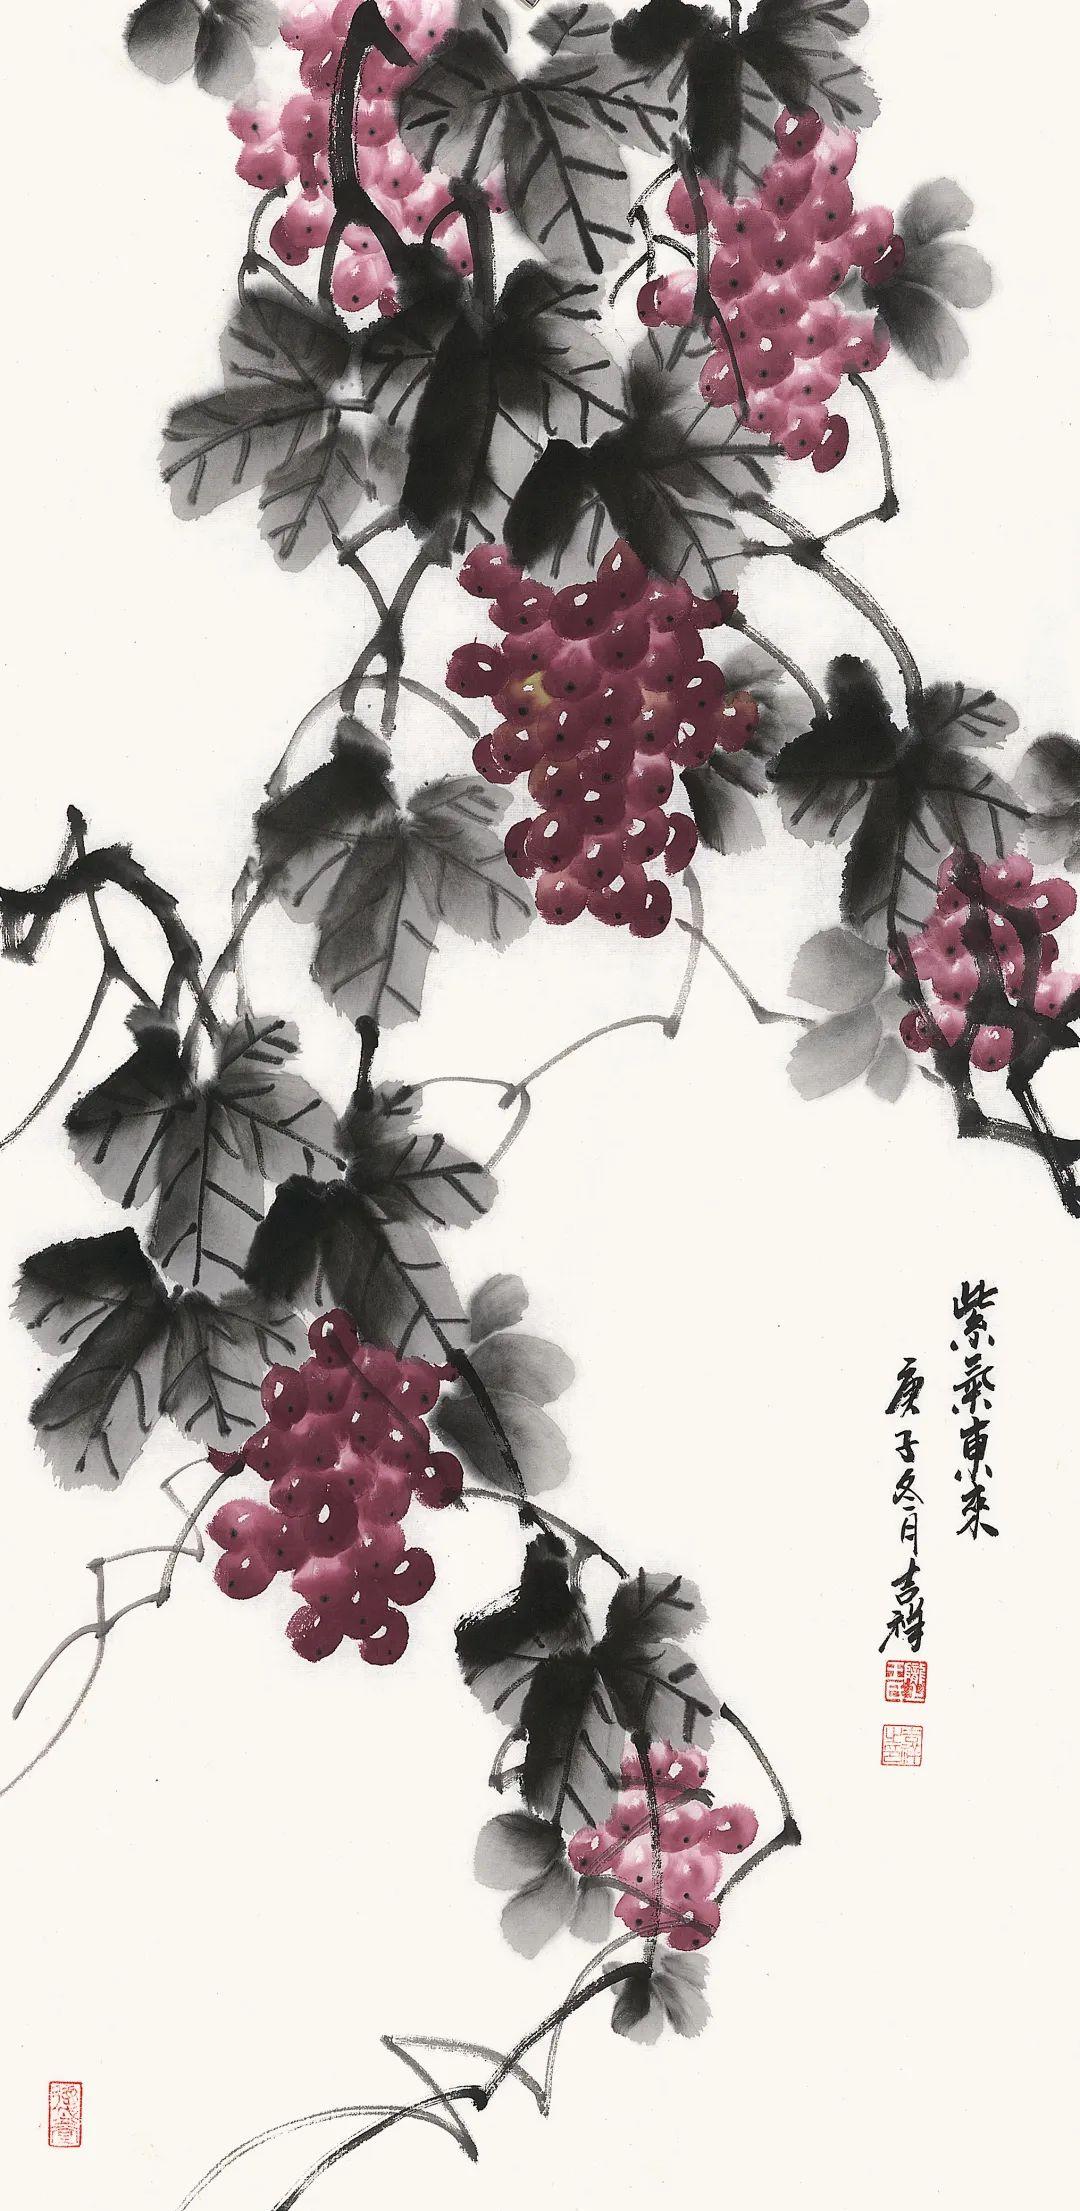 「巴蜀画派·人物」王吉祥:笃行不怠翰墨香,硕果丰盈满庭芳